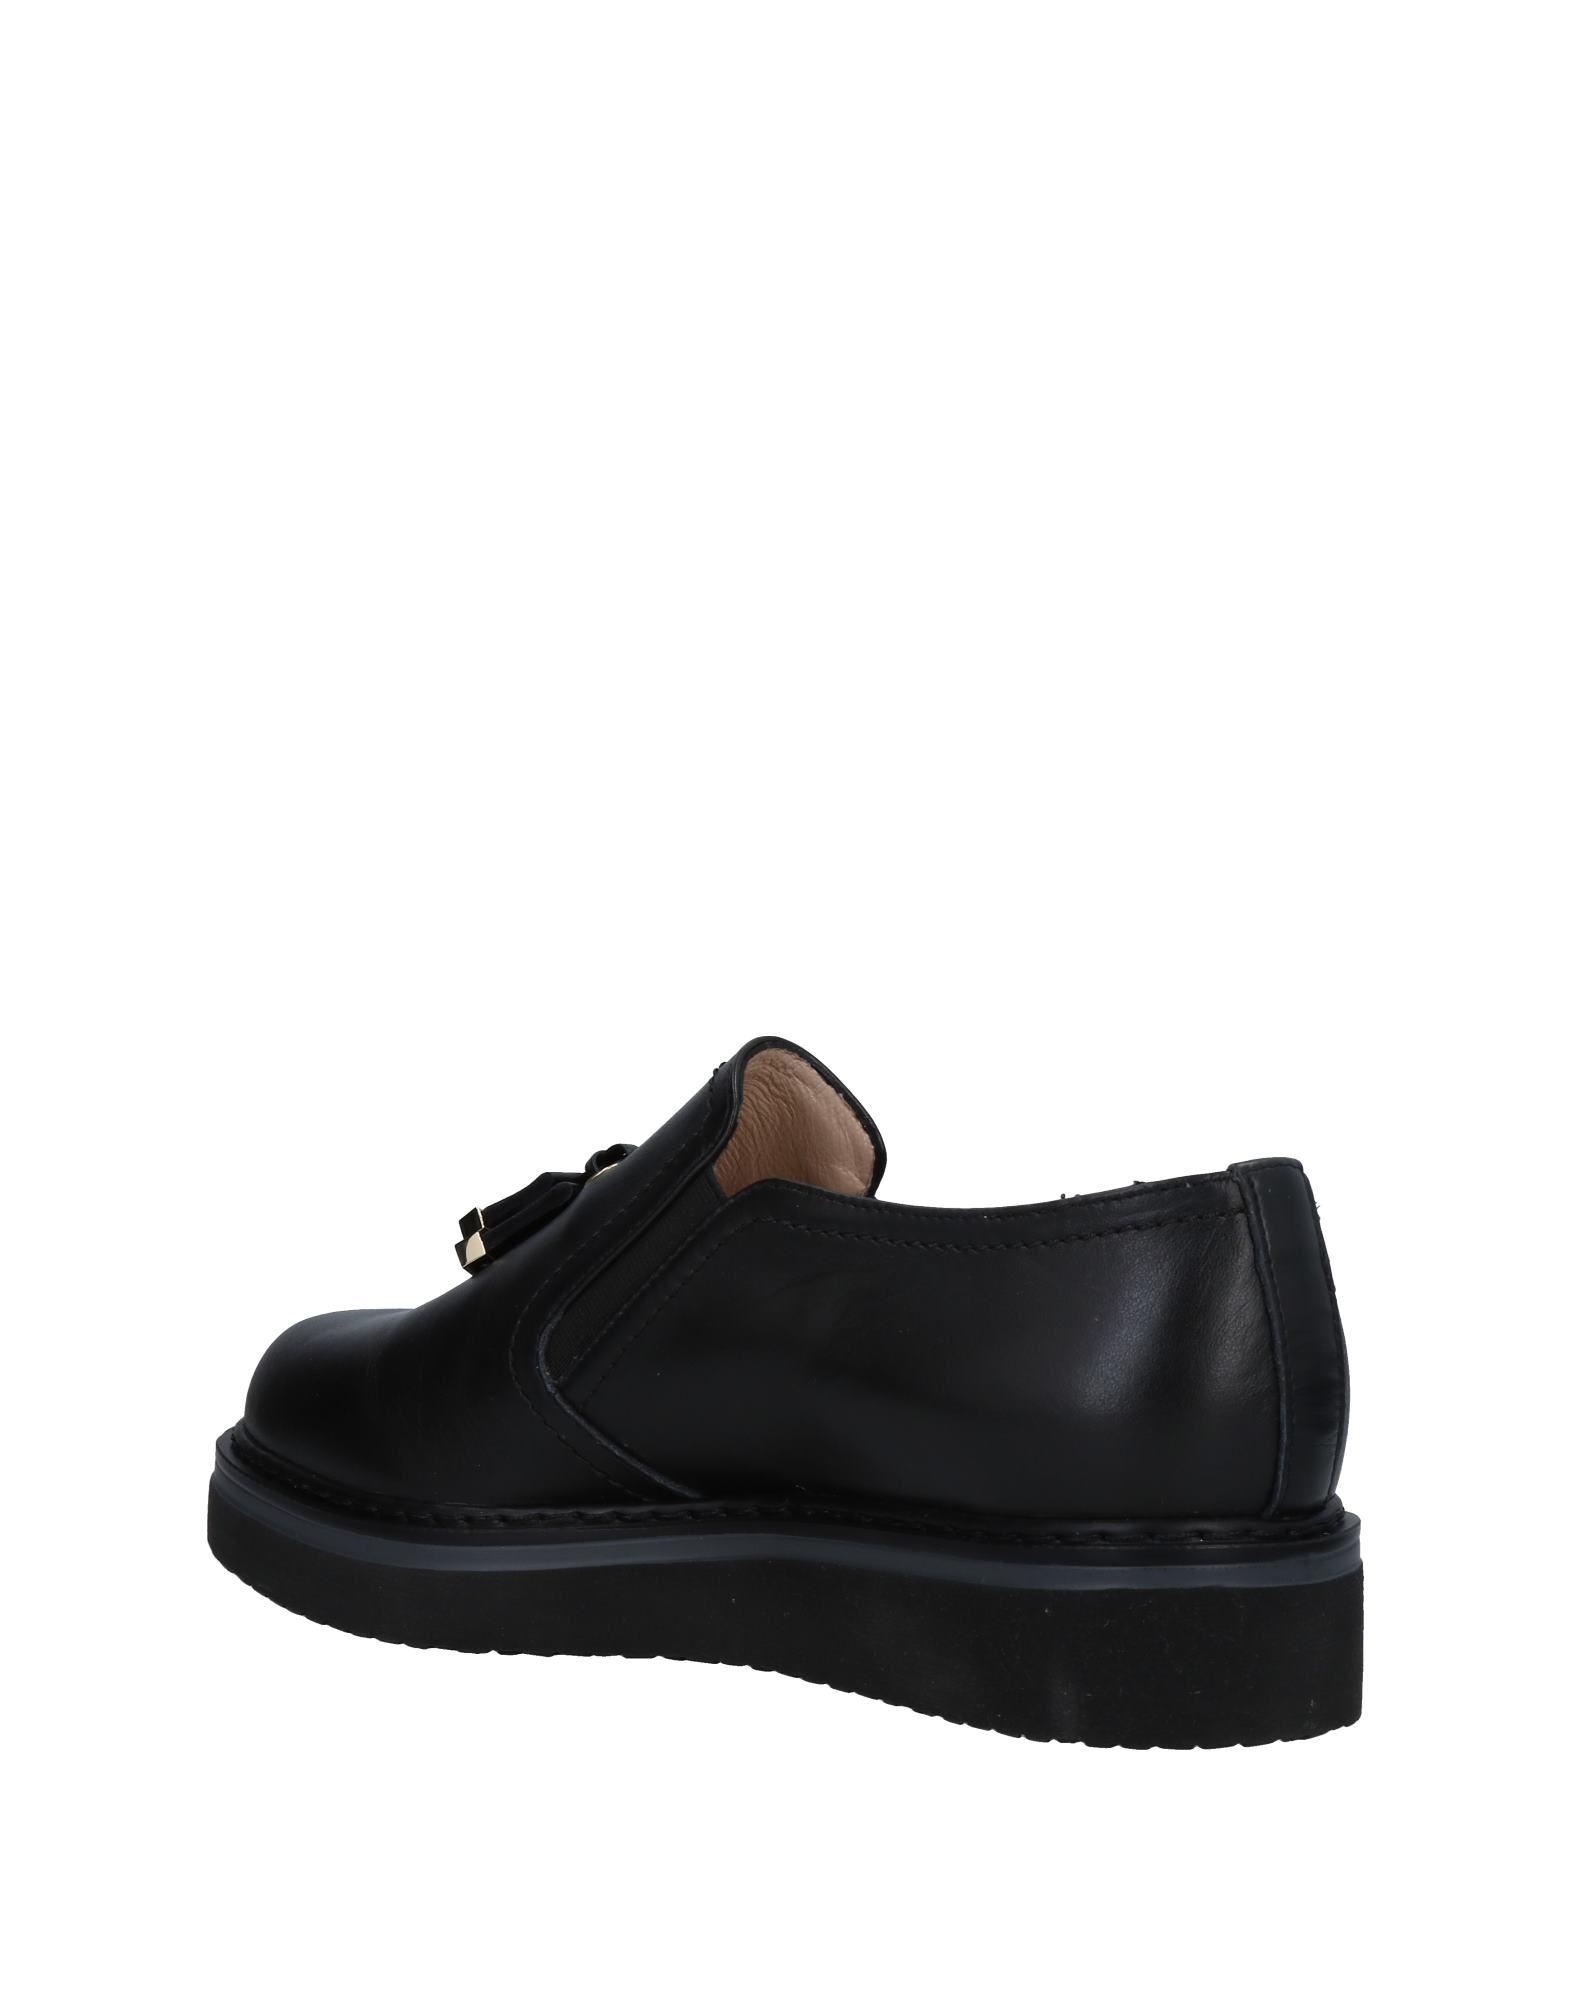 Stilvolle billige Schuhe Damen Norma J.Baker Mokassins Damen Schuhe  11476935CR 918854